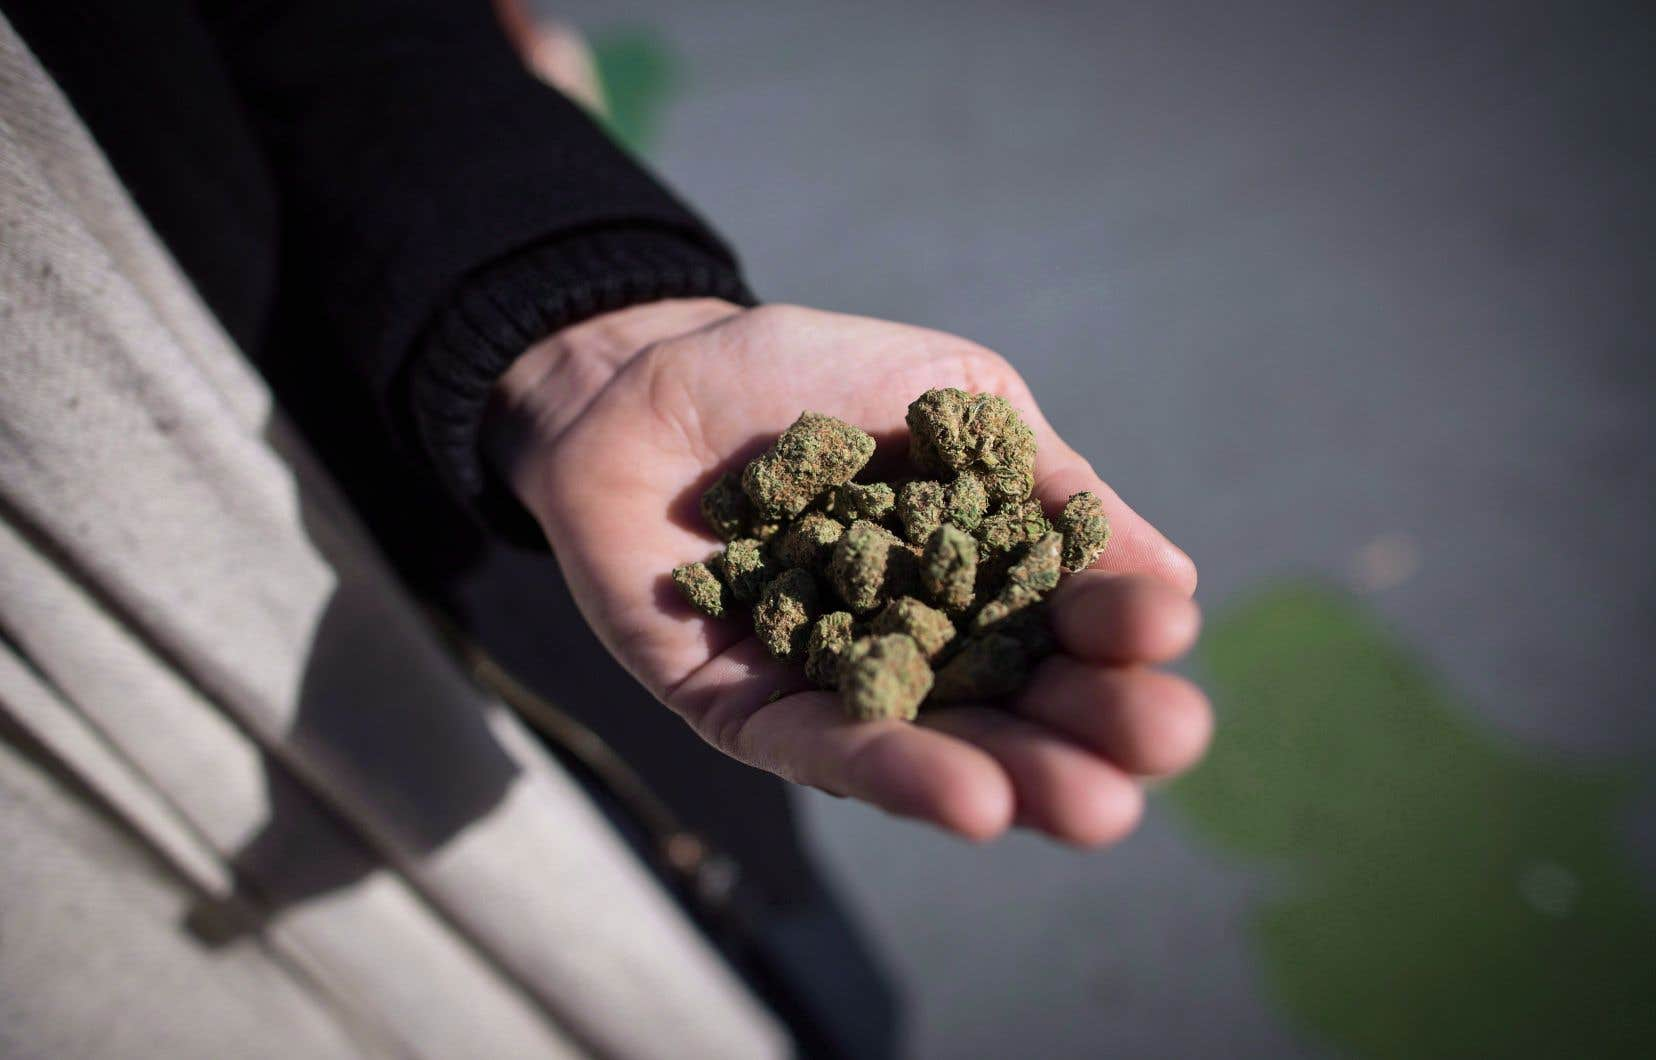 La Corée du Sud et le Japon ont adopté une ligne dure et menacent de poursuivre devant les tribunaux, dans leurs pays, les membres de leur communauté qui succomberaient à l'appel du cannabis légal canadien.